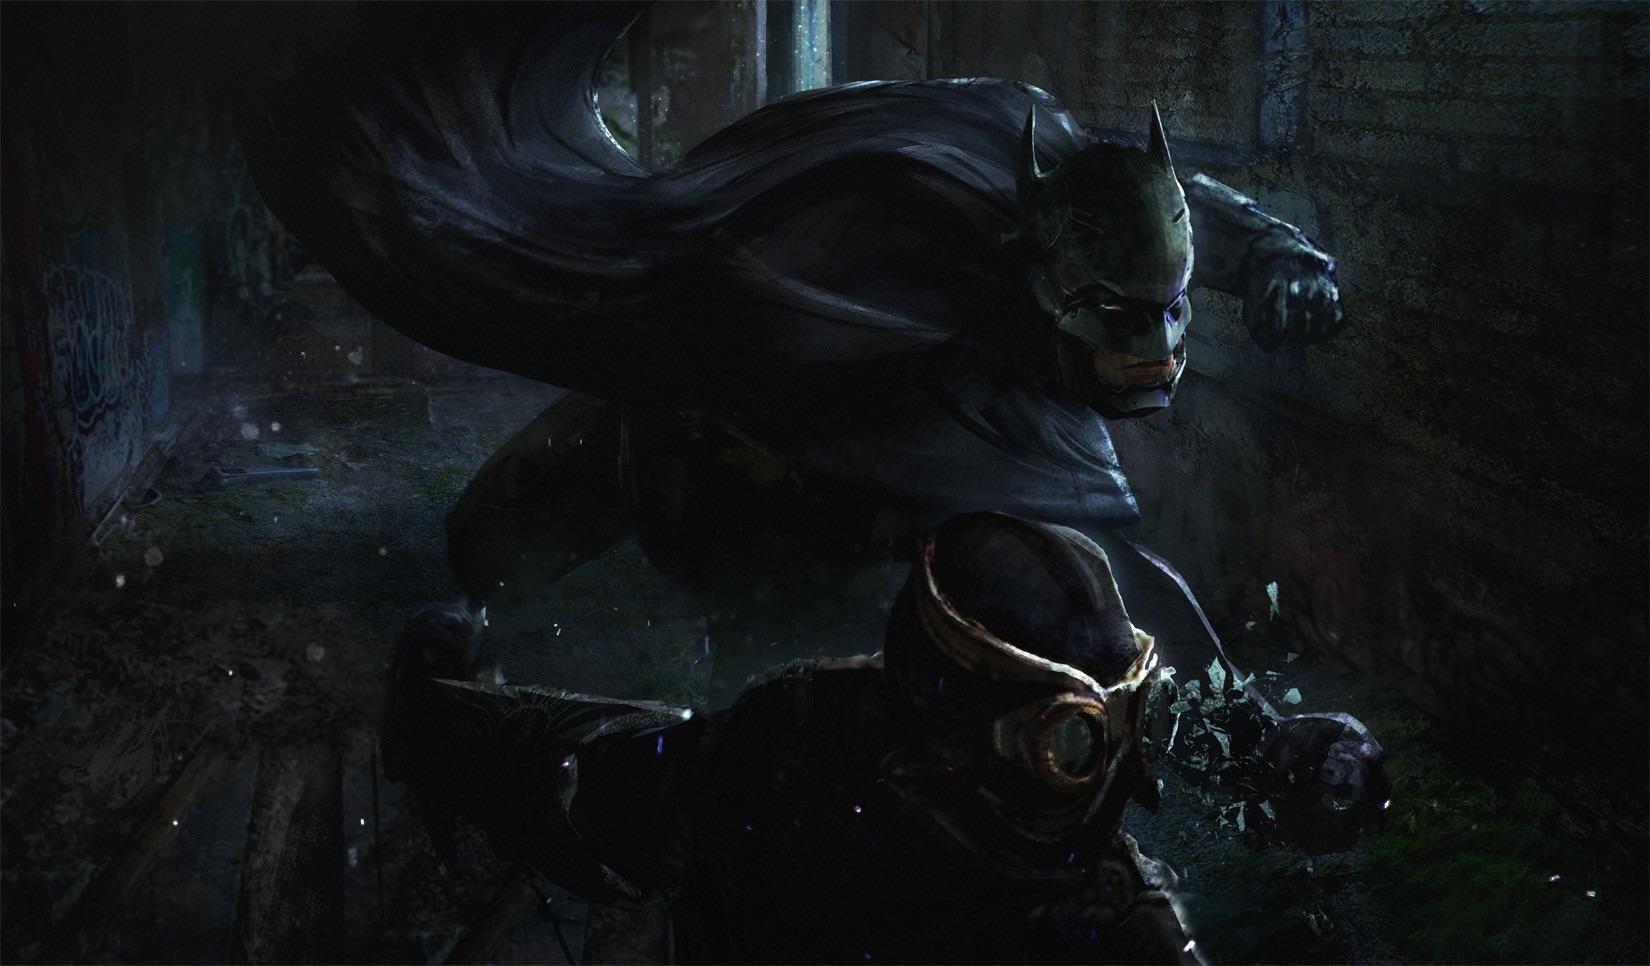 Vyjde nový Batman ještě letos v říjnu?